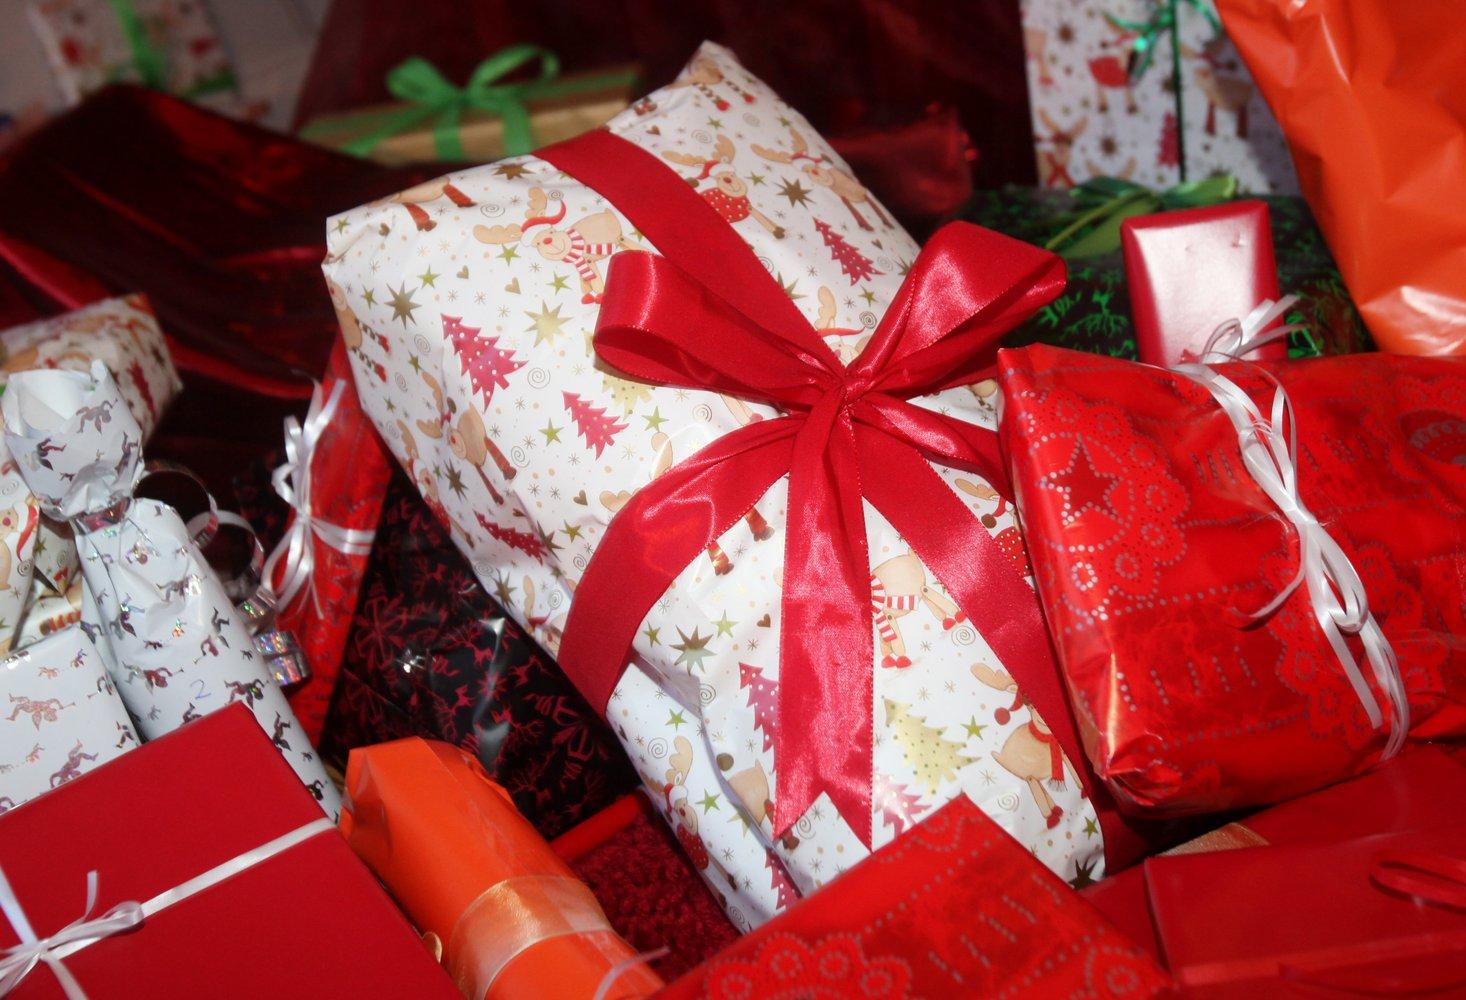 Verdi Weihnachtsgeld Alle Jahre Wieder